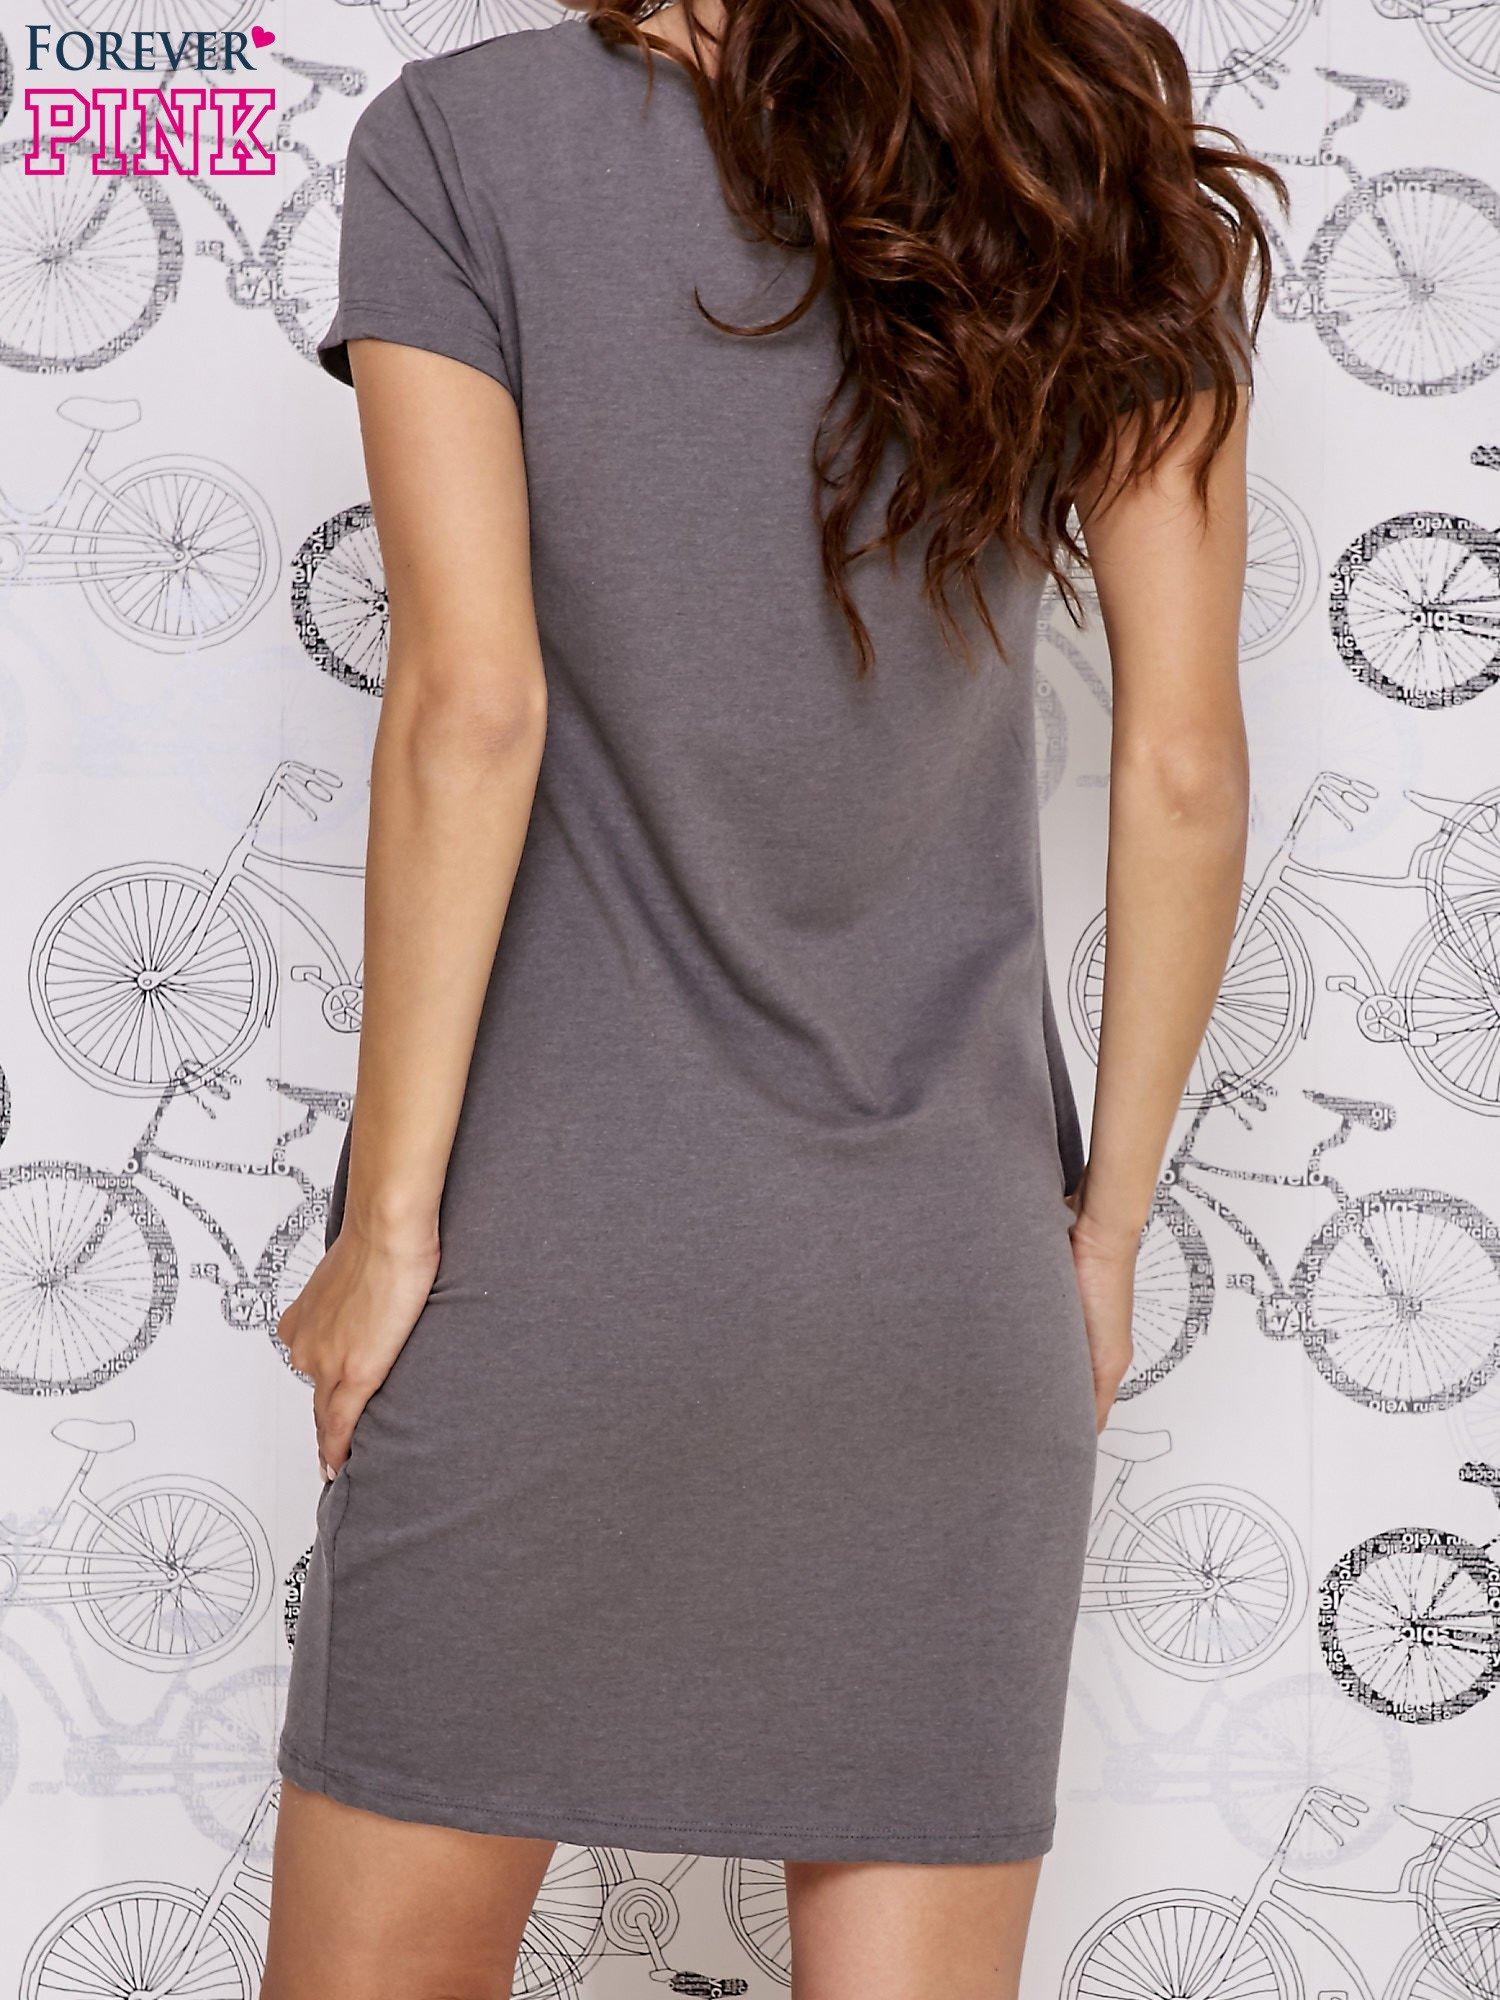 Ciemnoszara sukienka dresowa ze srebrnym printem drzewa                                  zdj.                                  4